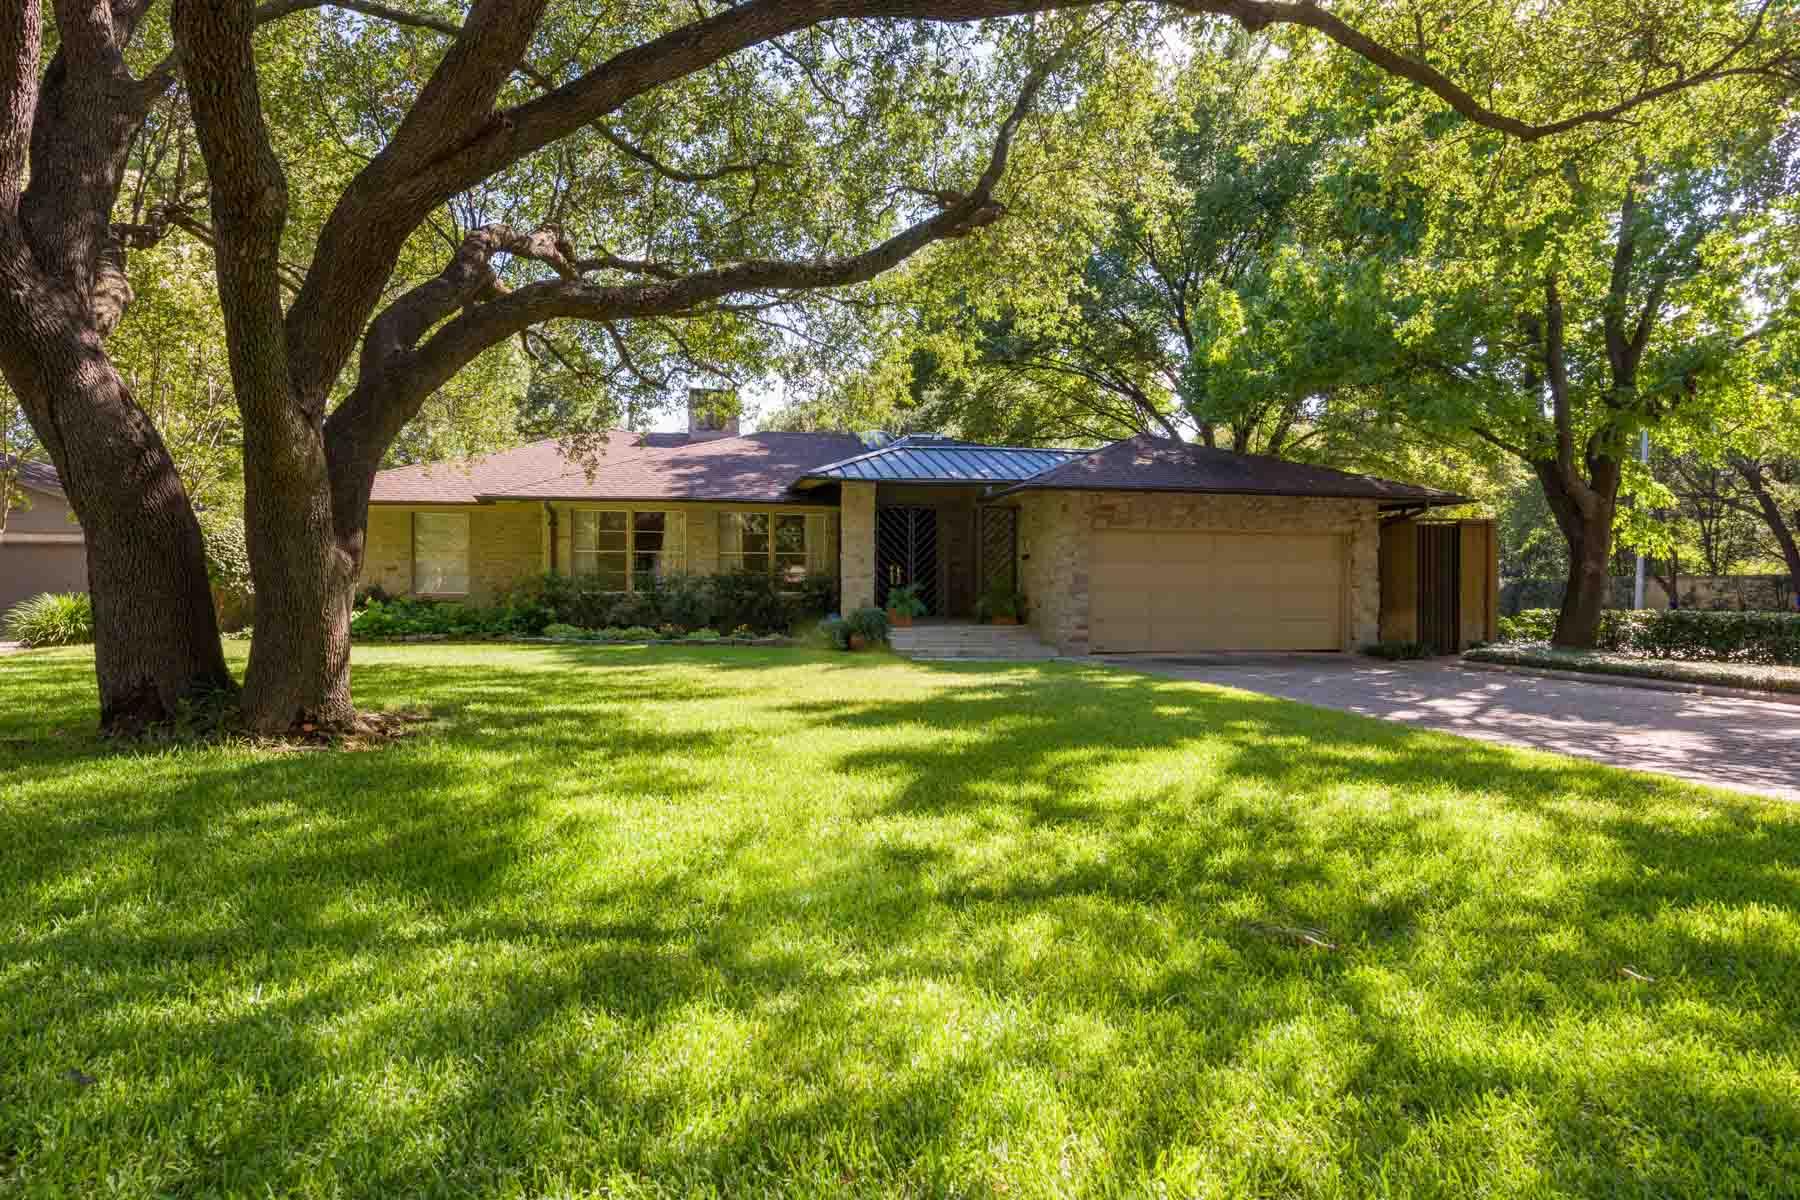 Villa per Vendita alle ore Hard to Find Preston Hollow Gem in Prime Location 6004 Northwood Rd Dallas, Texas, 75225 Stati Uniti